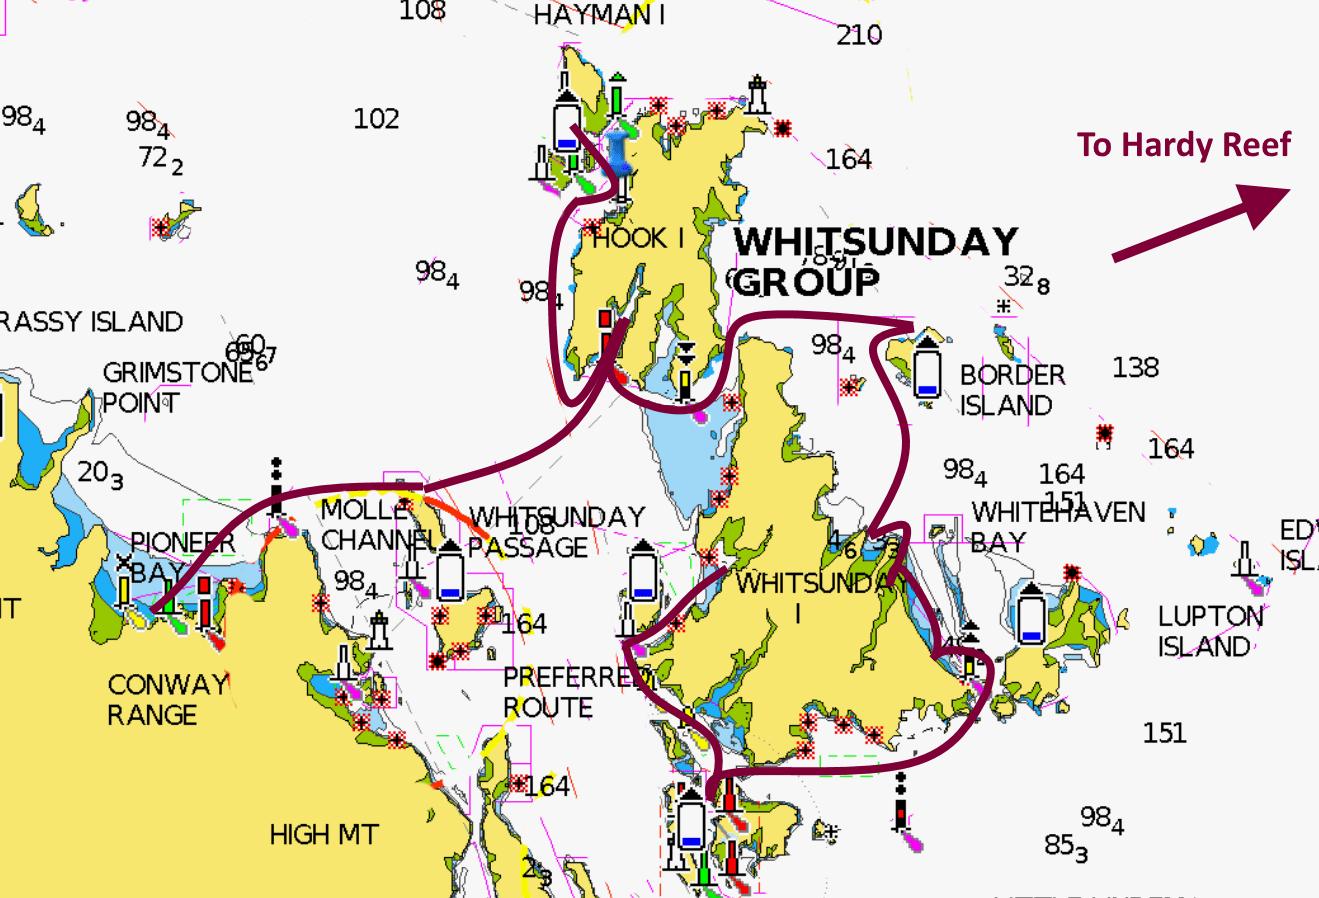 Mirage Whitsundays, Cannonvale